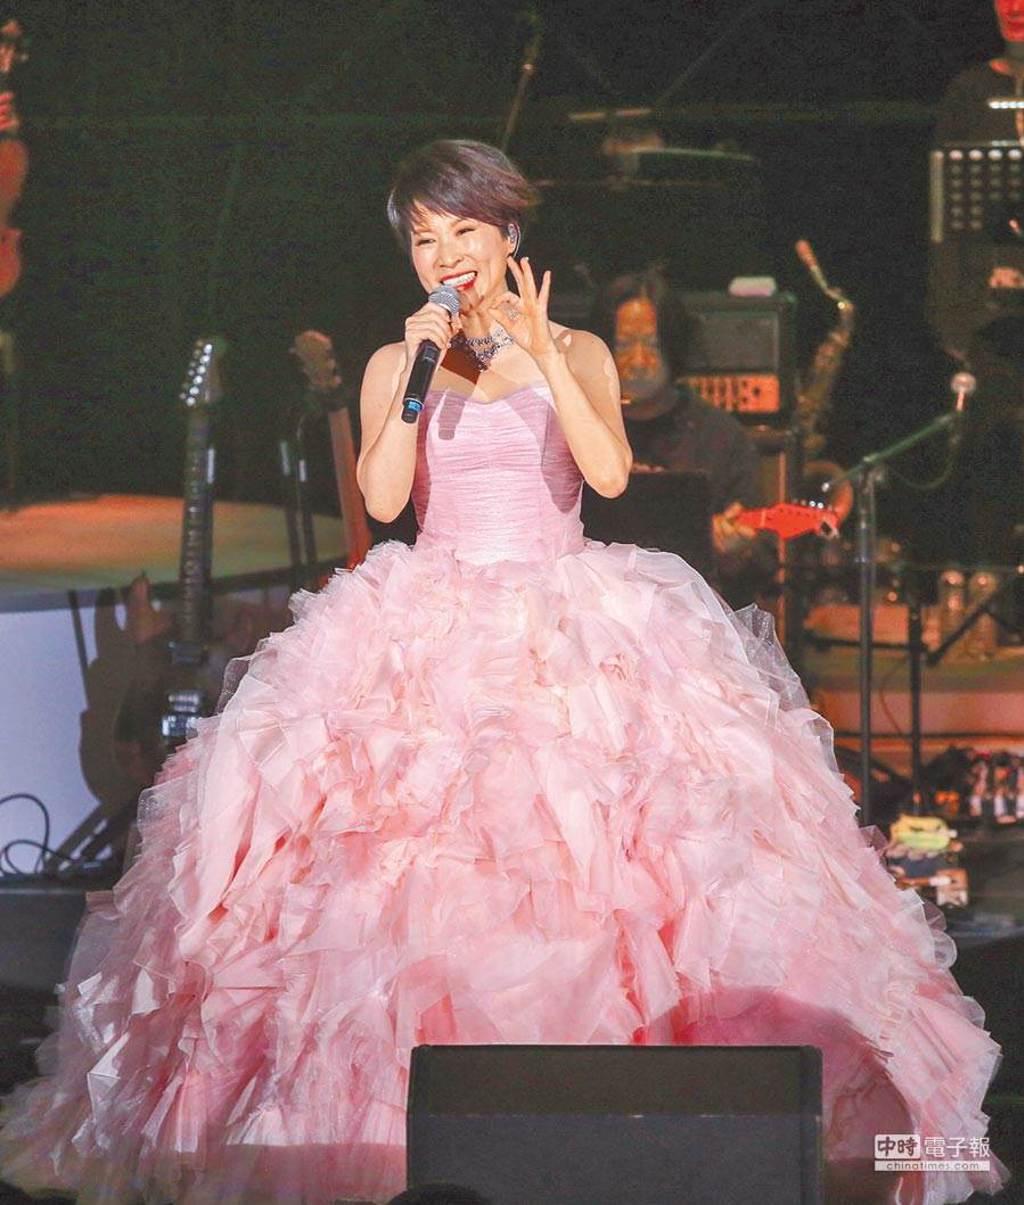 林慧萍2017年在台北國際會議中心舉辦「一朵盛開的花」演唱會。(圖/中時資料照)